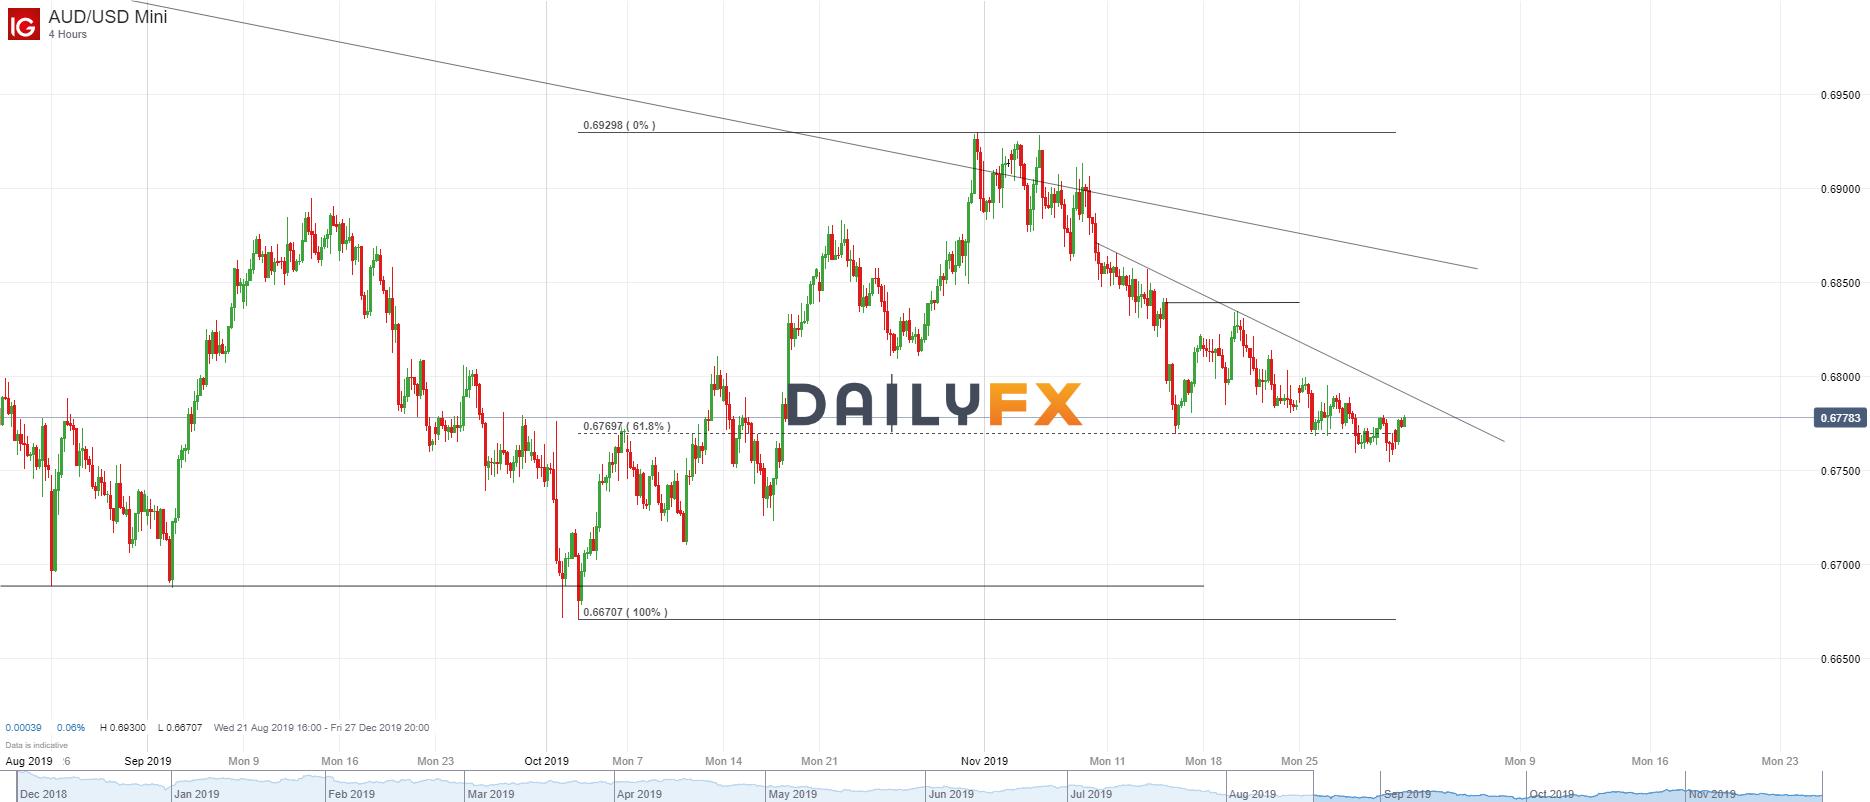 澳元/美元技术分析:4小时图关注自11月11日开始的压力线